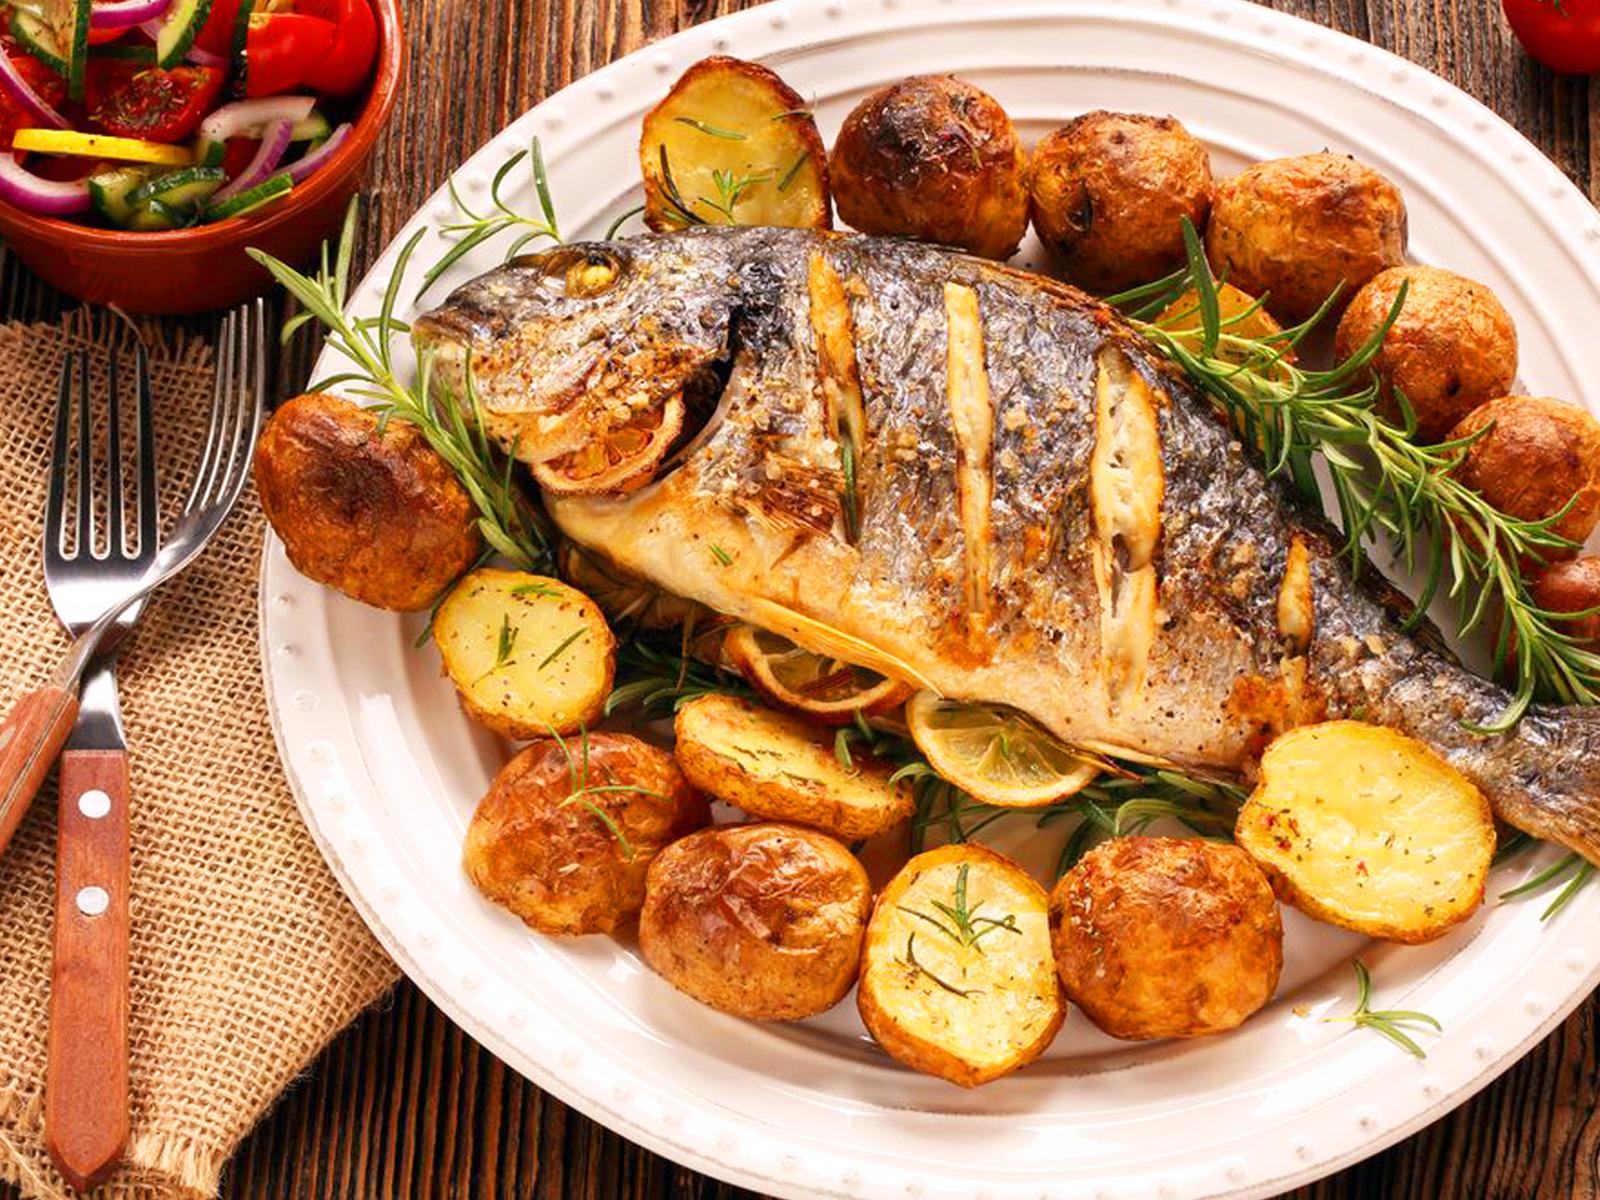 Pyszne Ryby w Menu